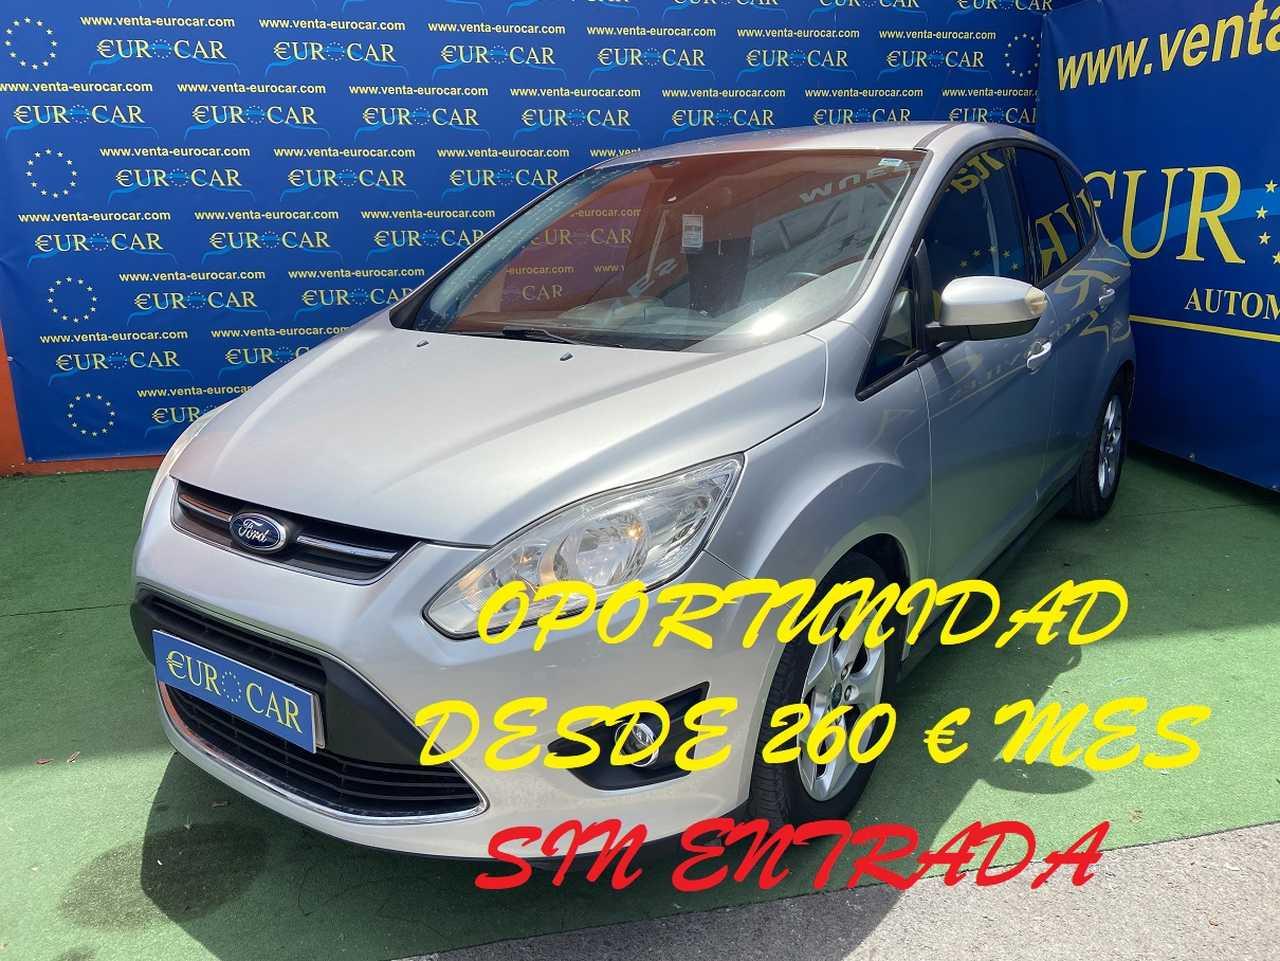 Ford Grand C-MAX ocasión segunda mano 2012 Gasolina por 8.650€ en Alicante